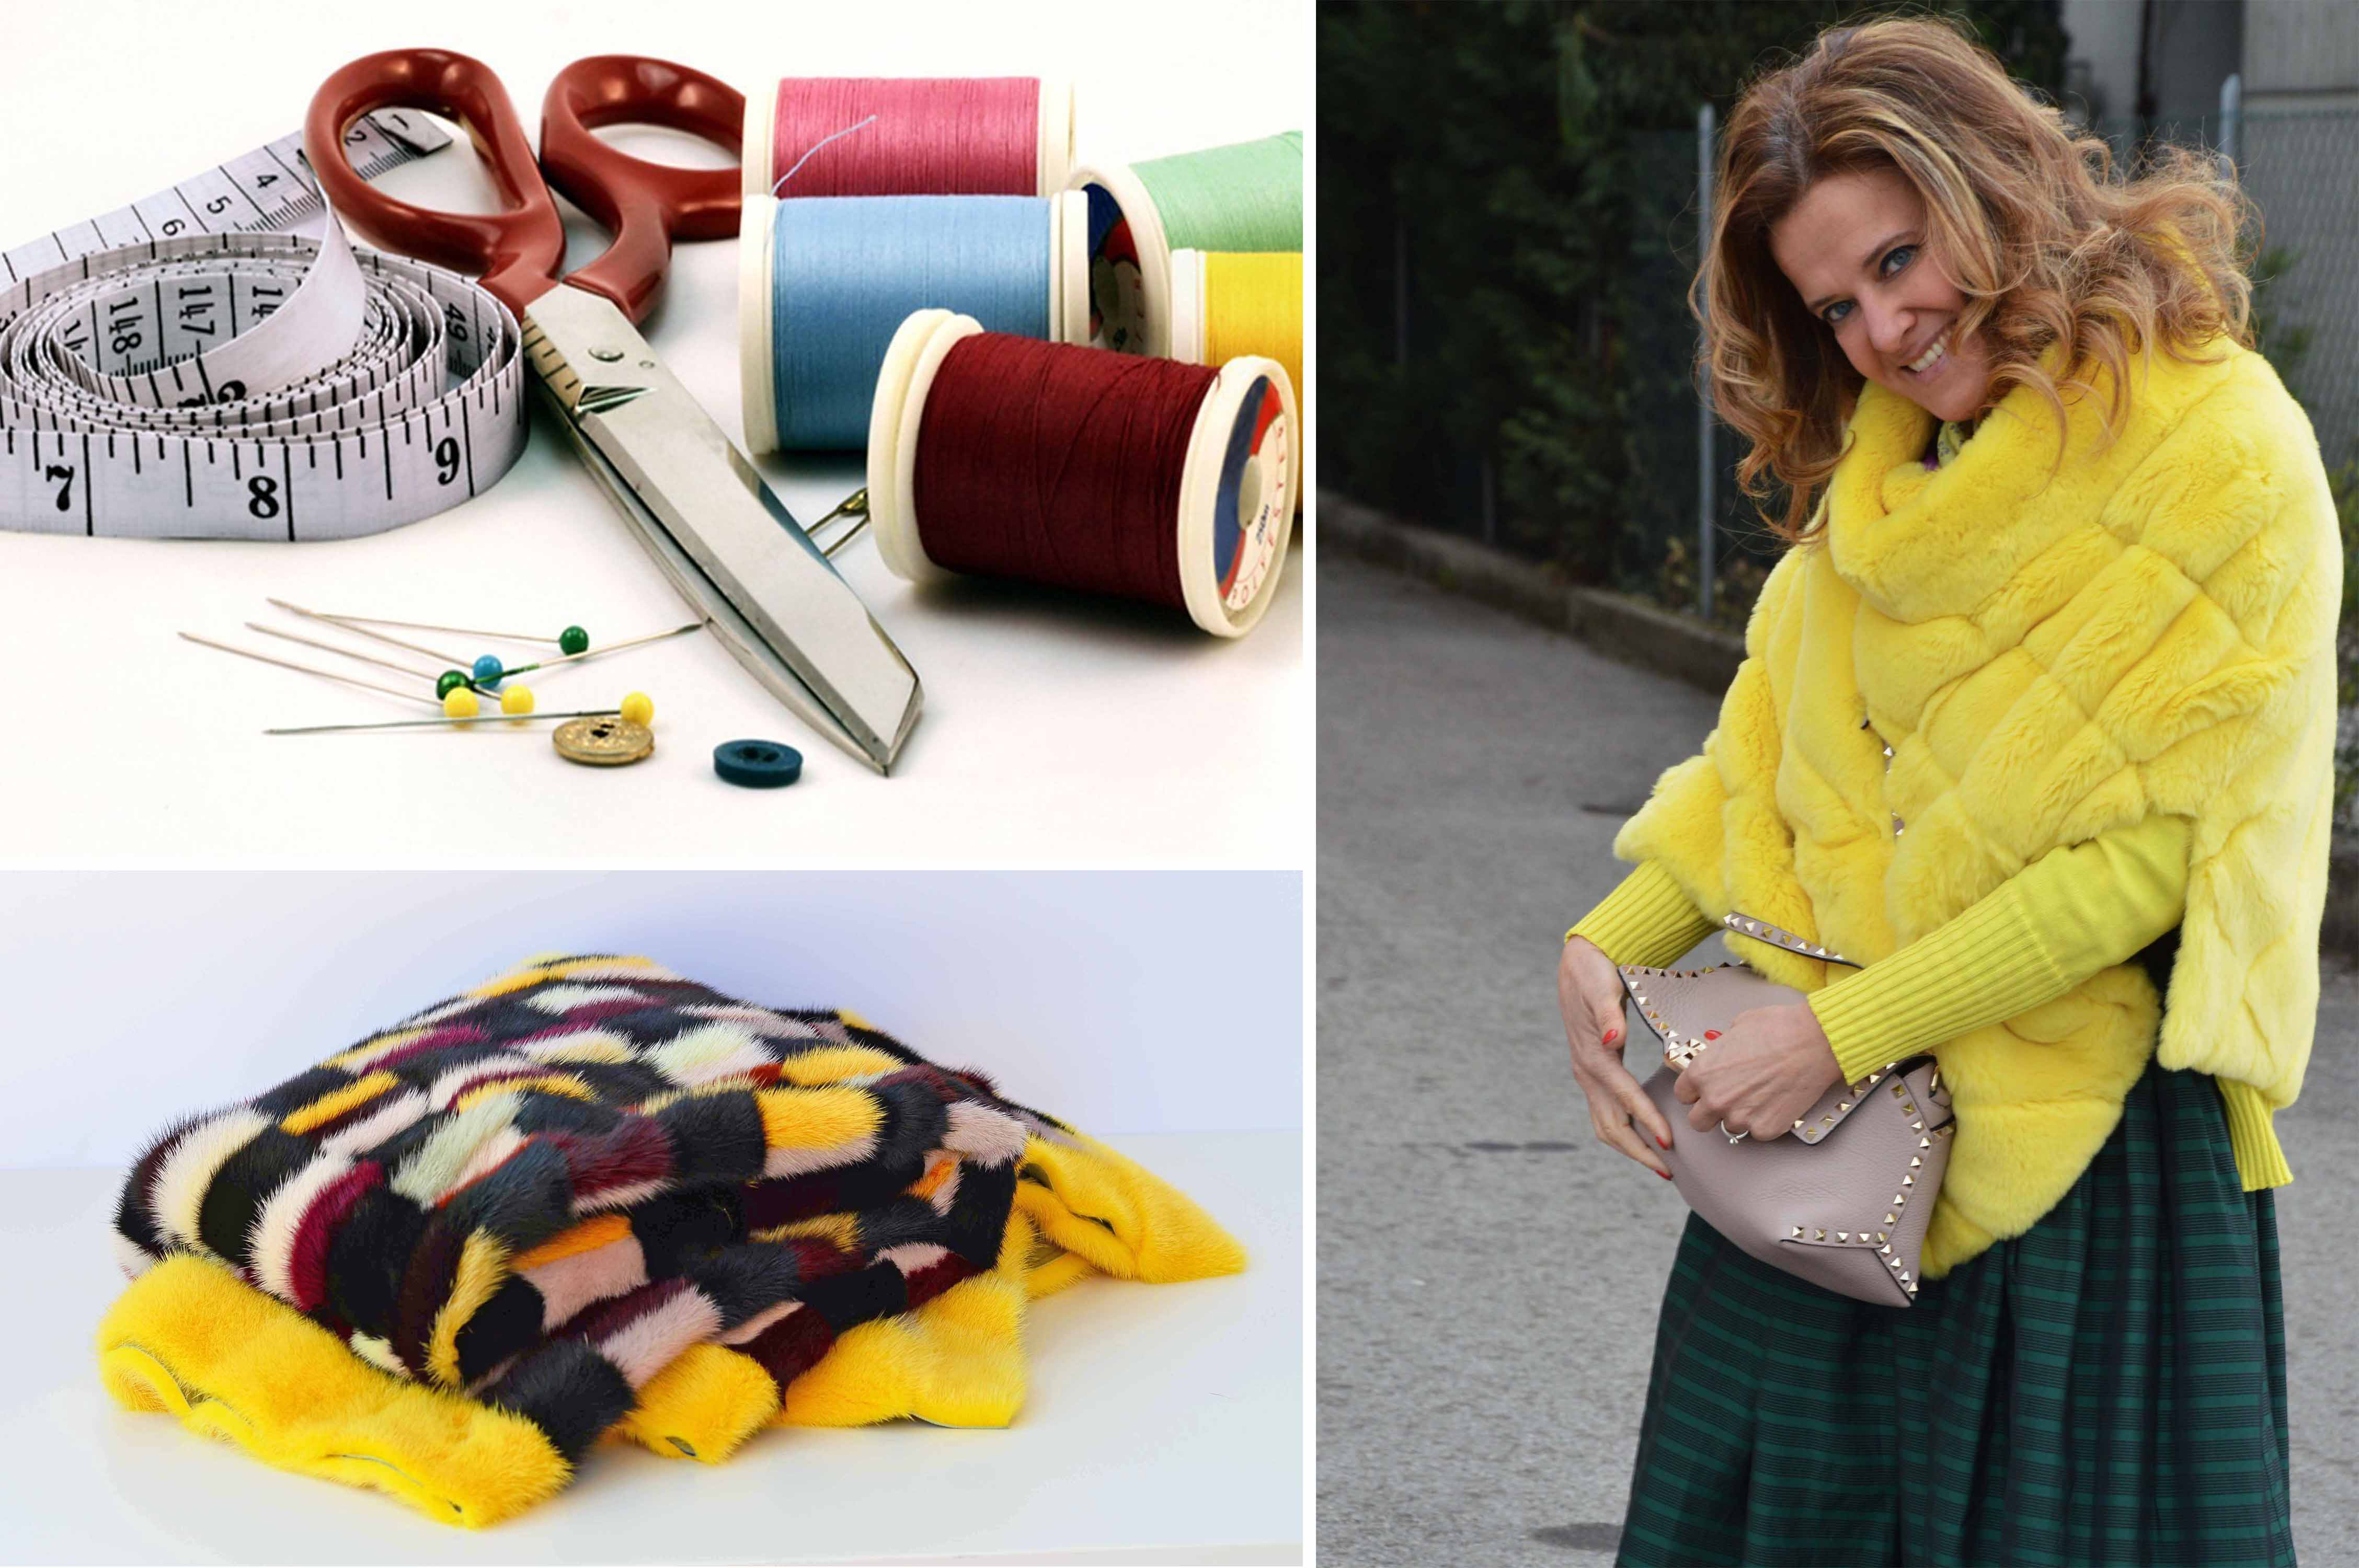 Riciclo creativo: 10 idee moda e design originali ed ecologiche!